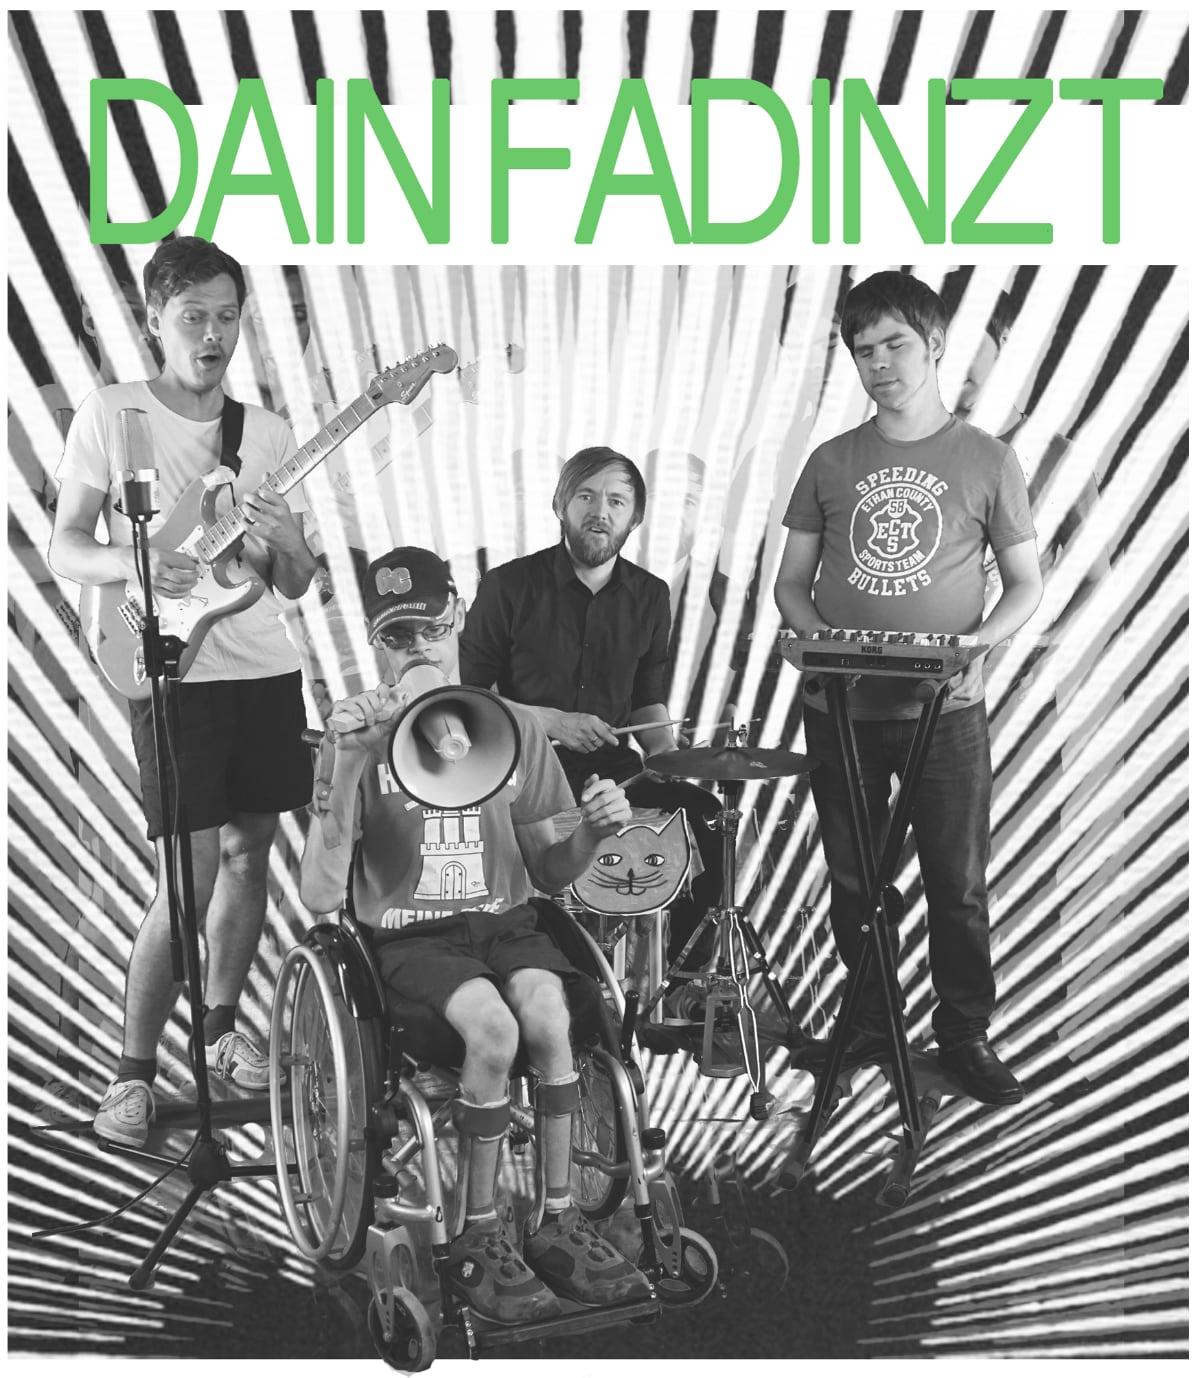 Dain Fadinzt (Foto: Dain Fadinzt)